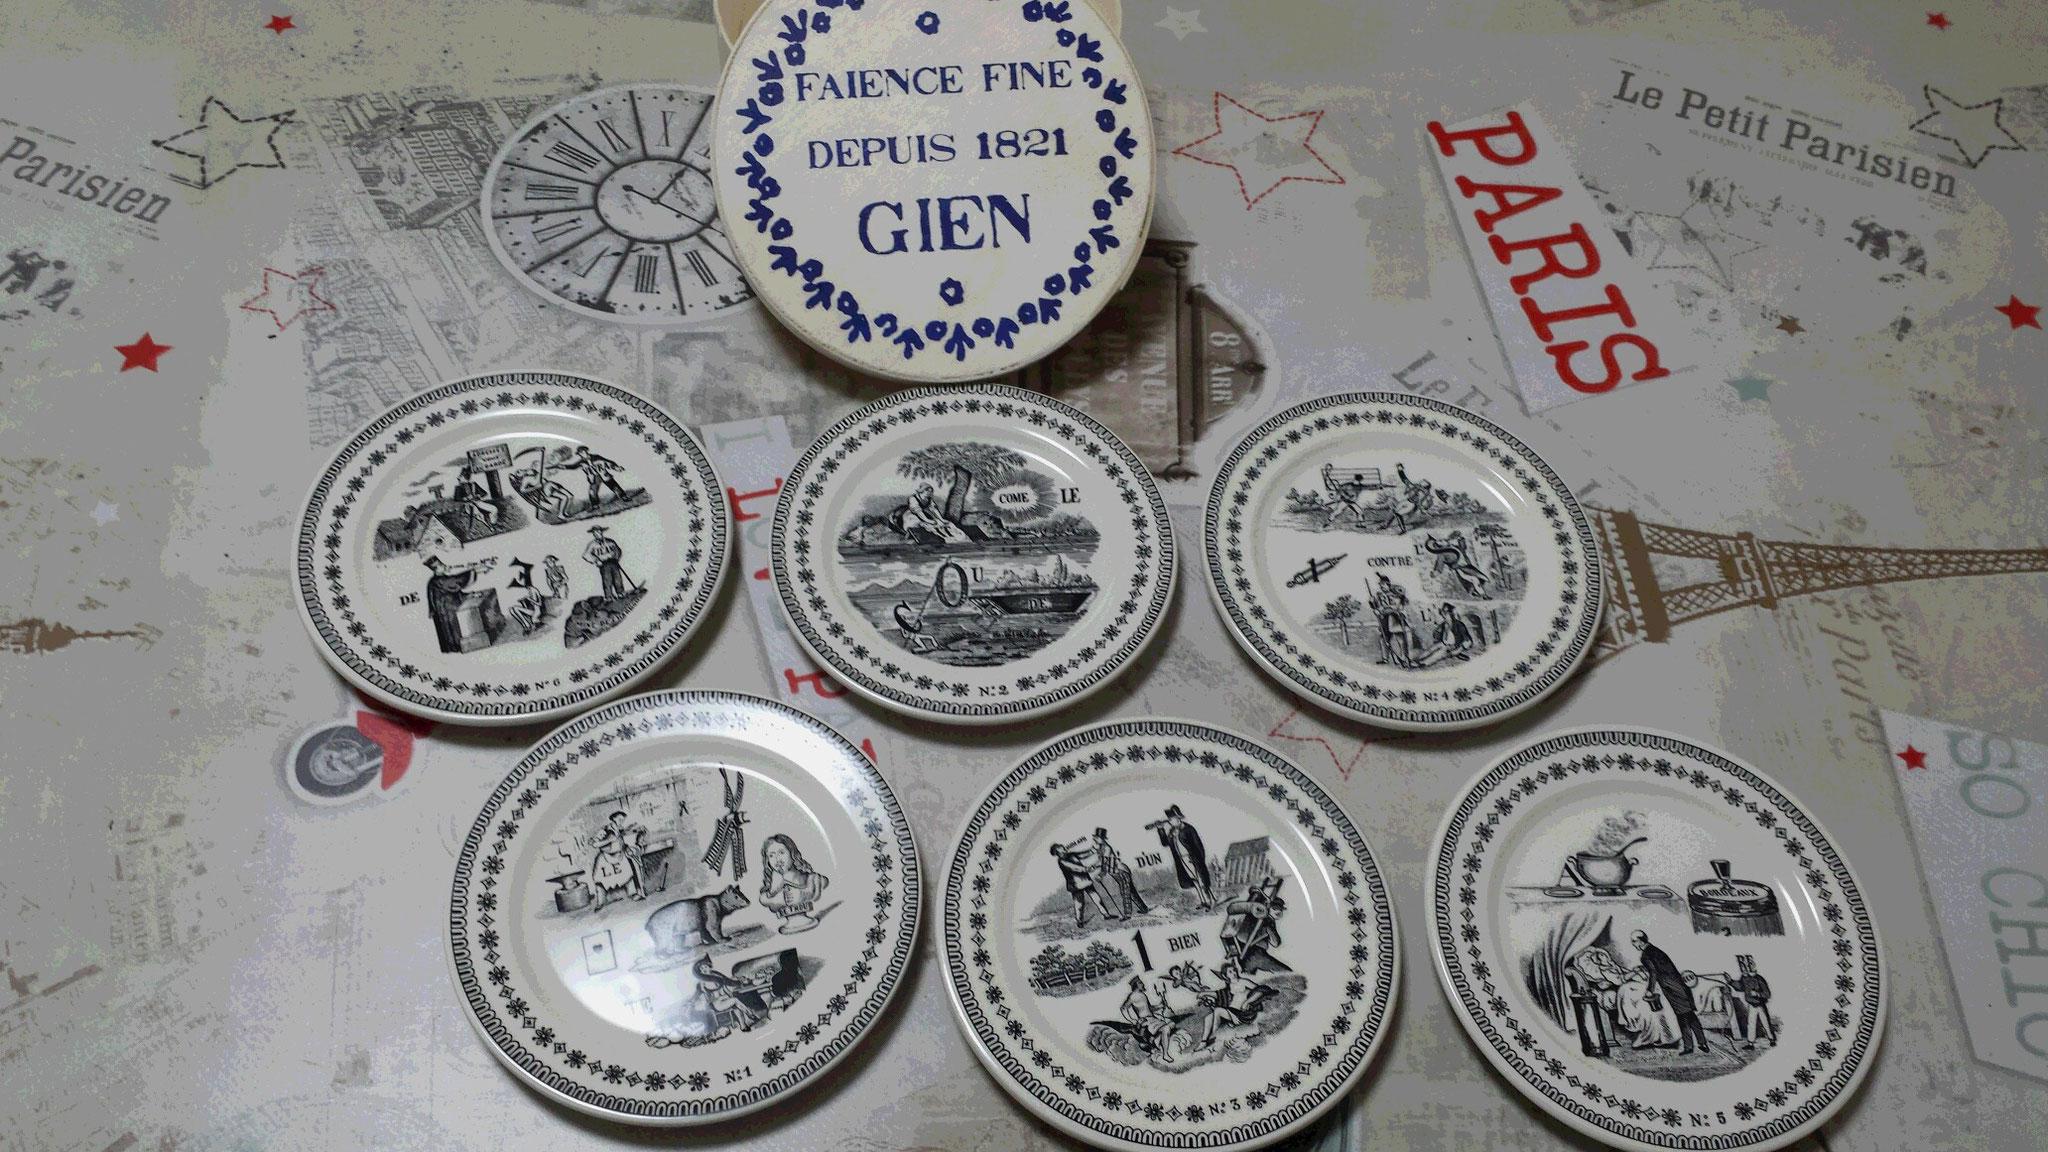 Six petites assiettes en Faïence fine de Gien, souvenirs de France